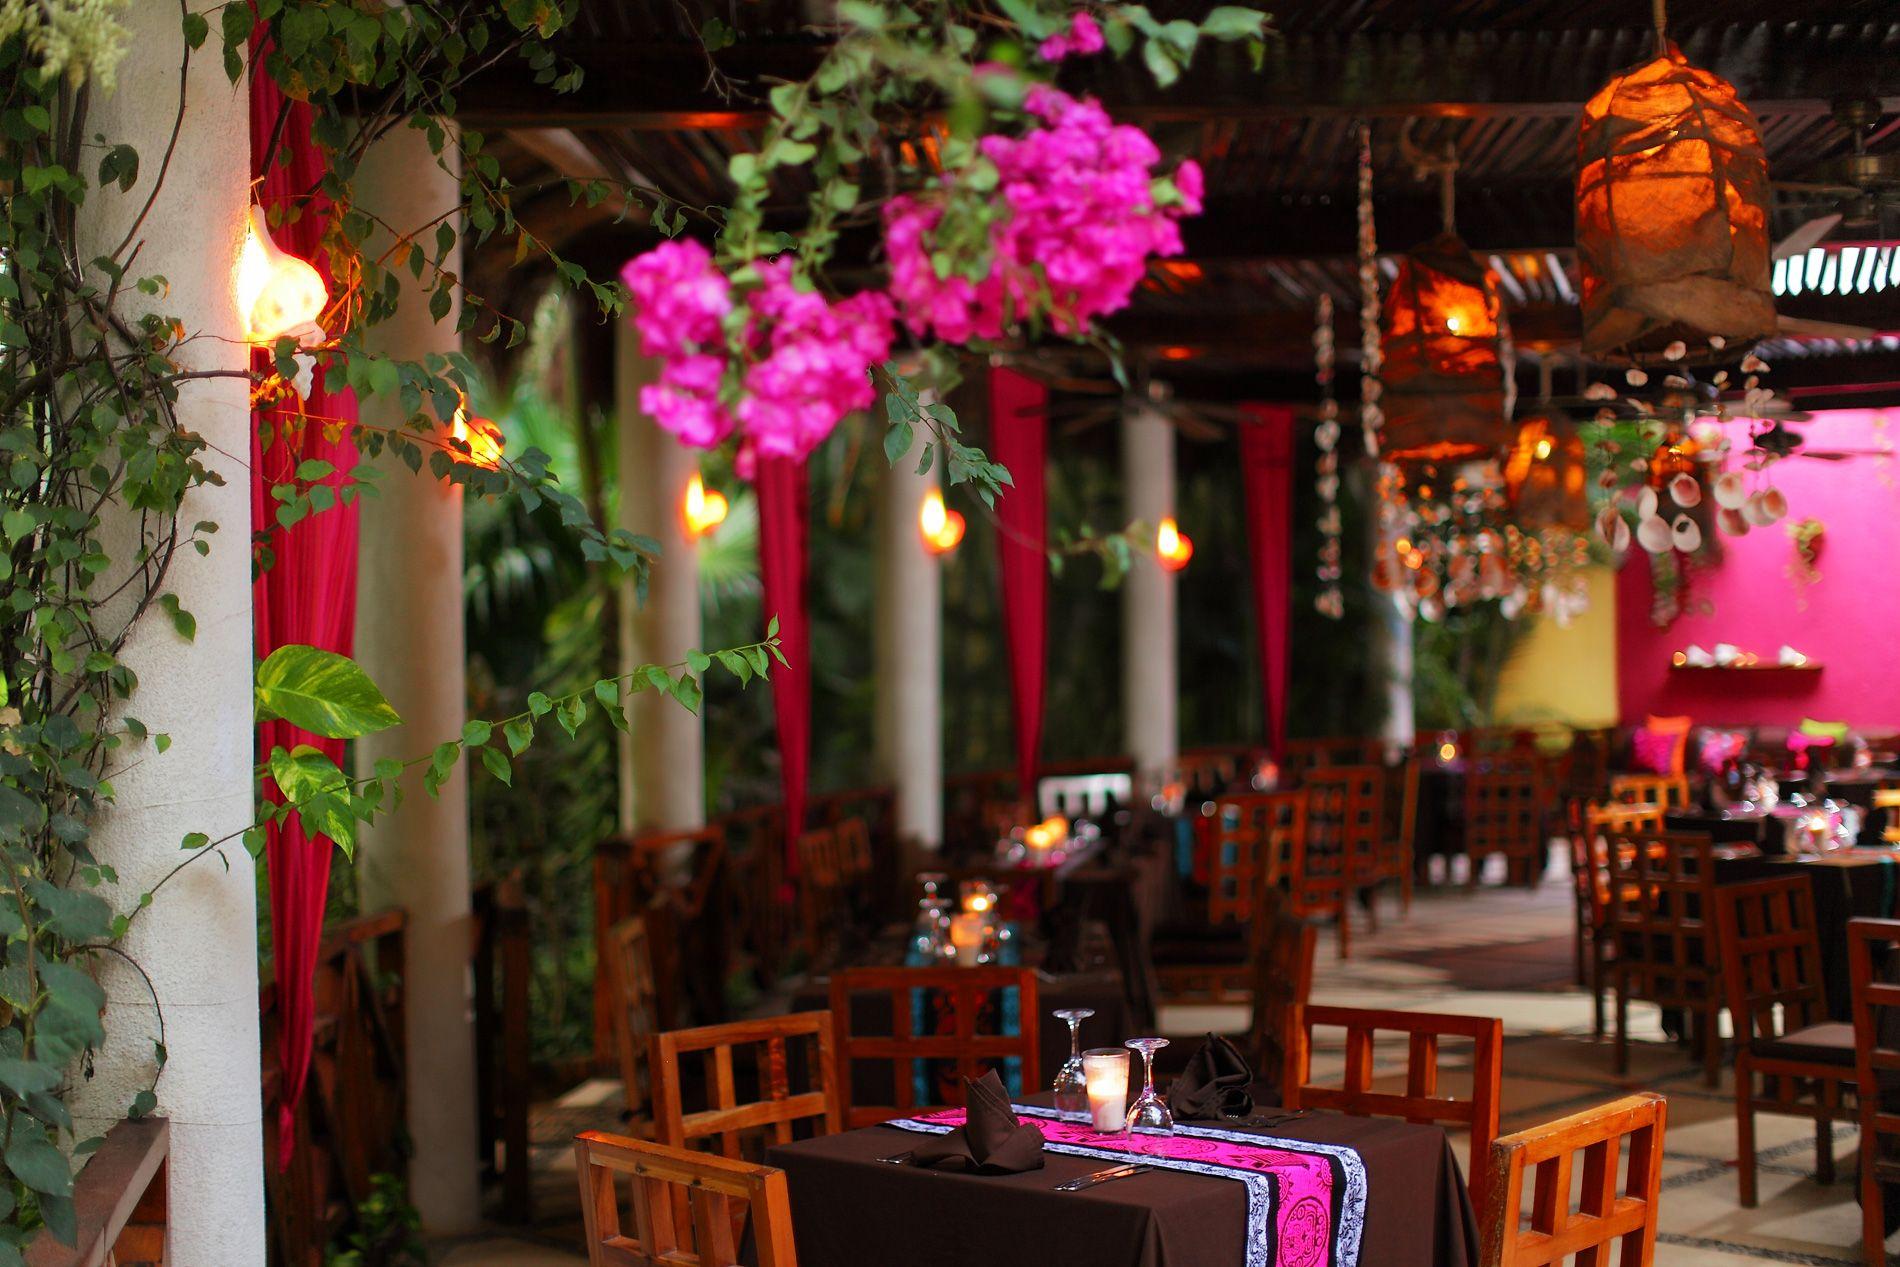 Terraza Restaurante Mexican Decor Decor Mexican Style